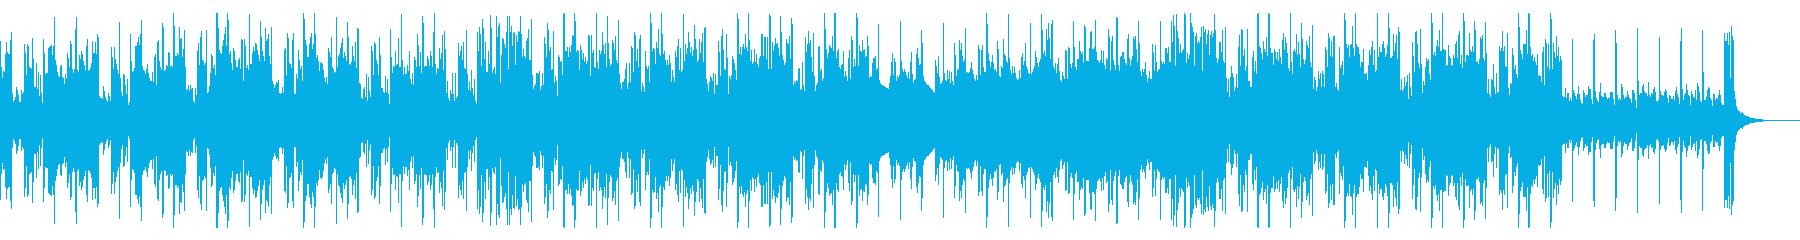 ダークヒップホップ 悲しいピアノの再生済みの波形